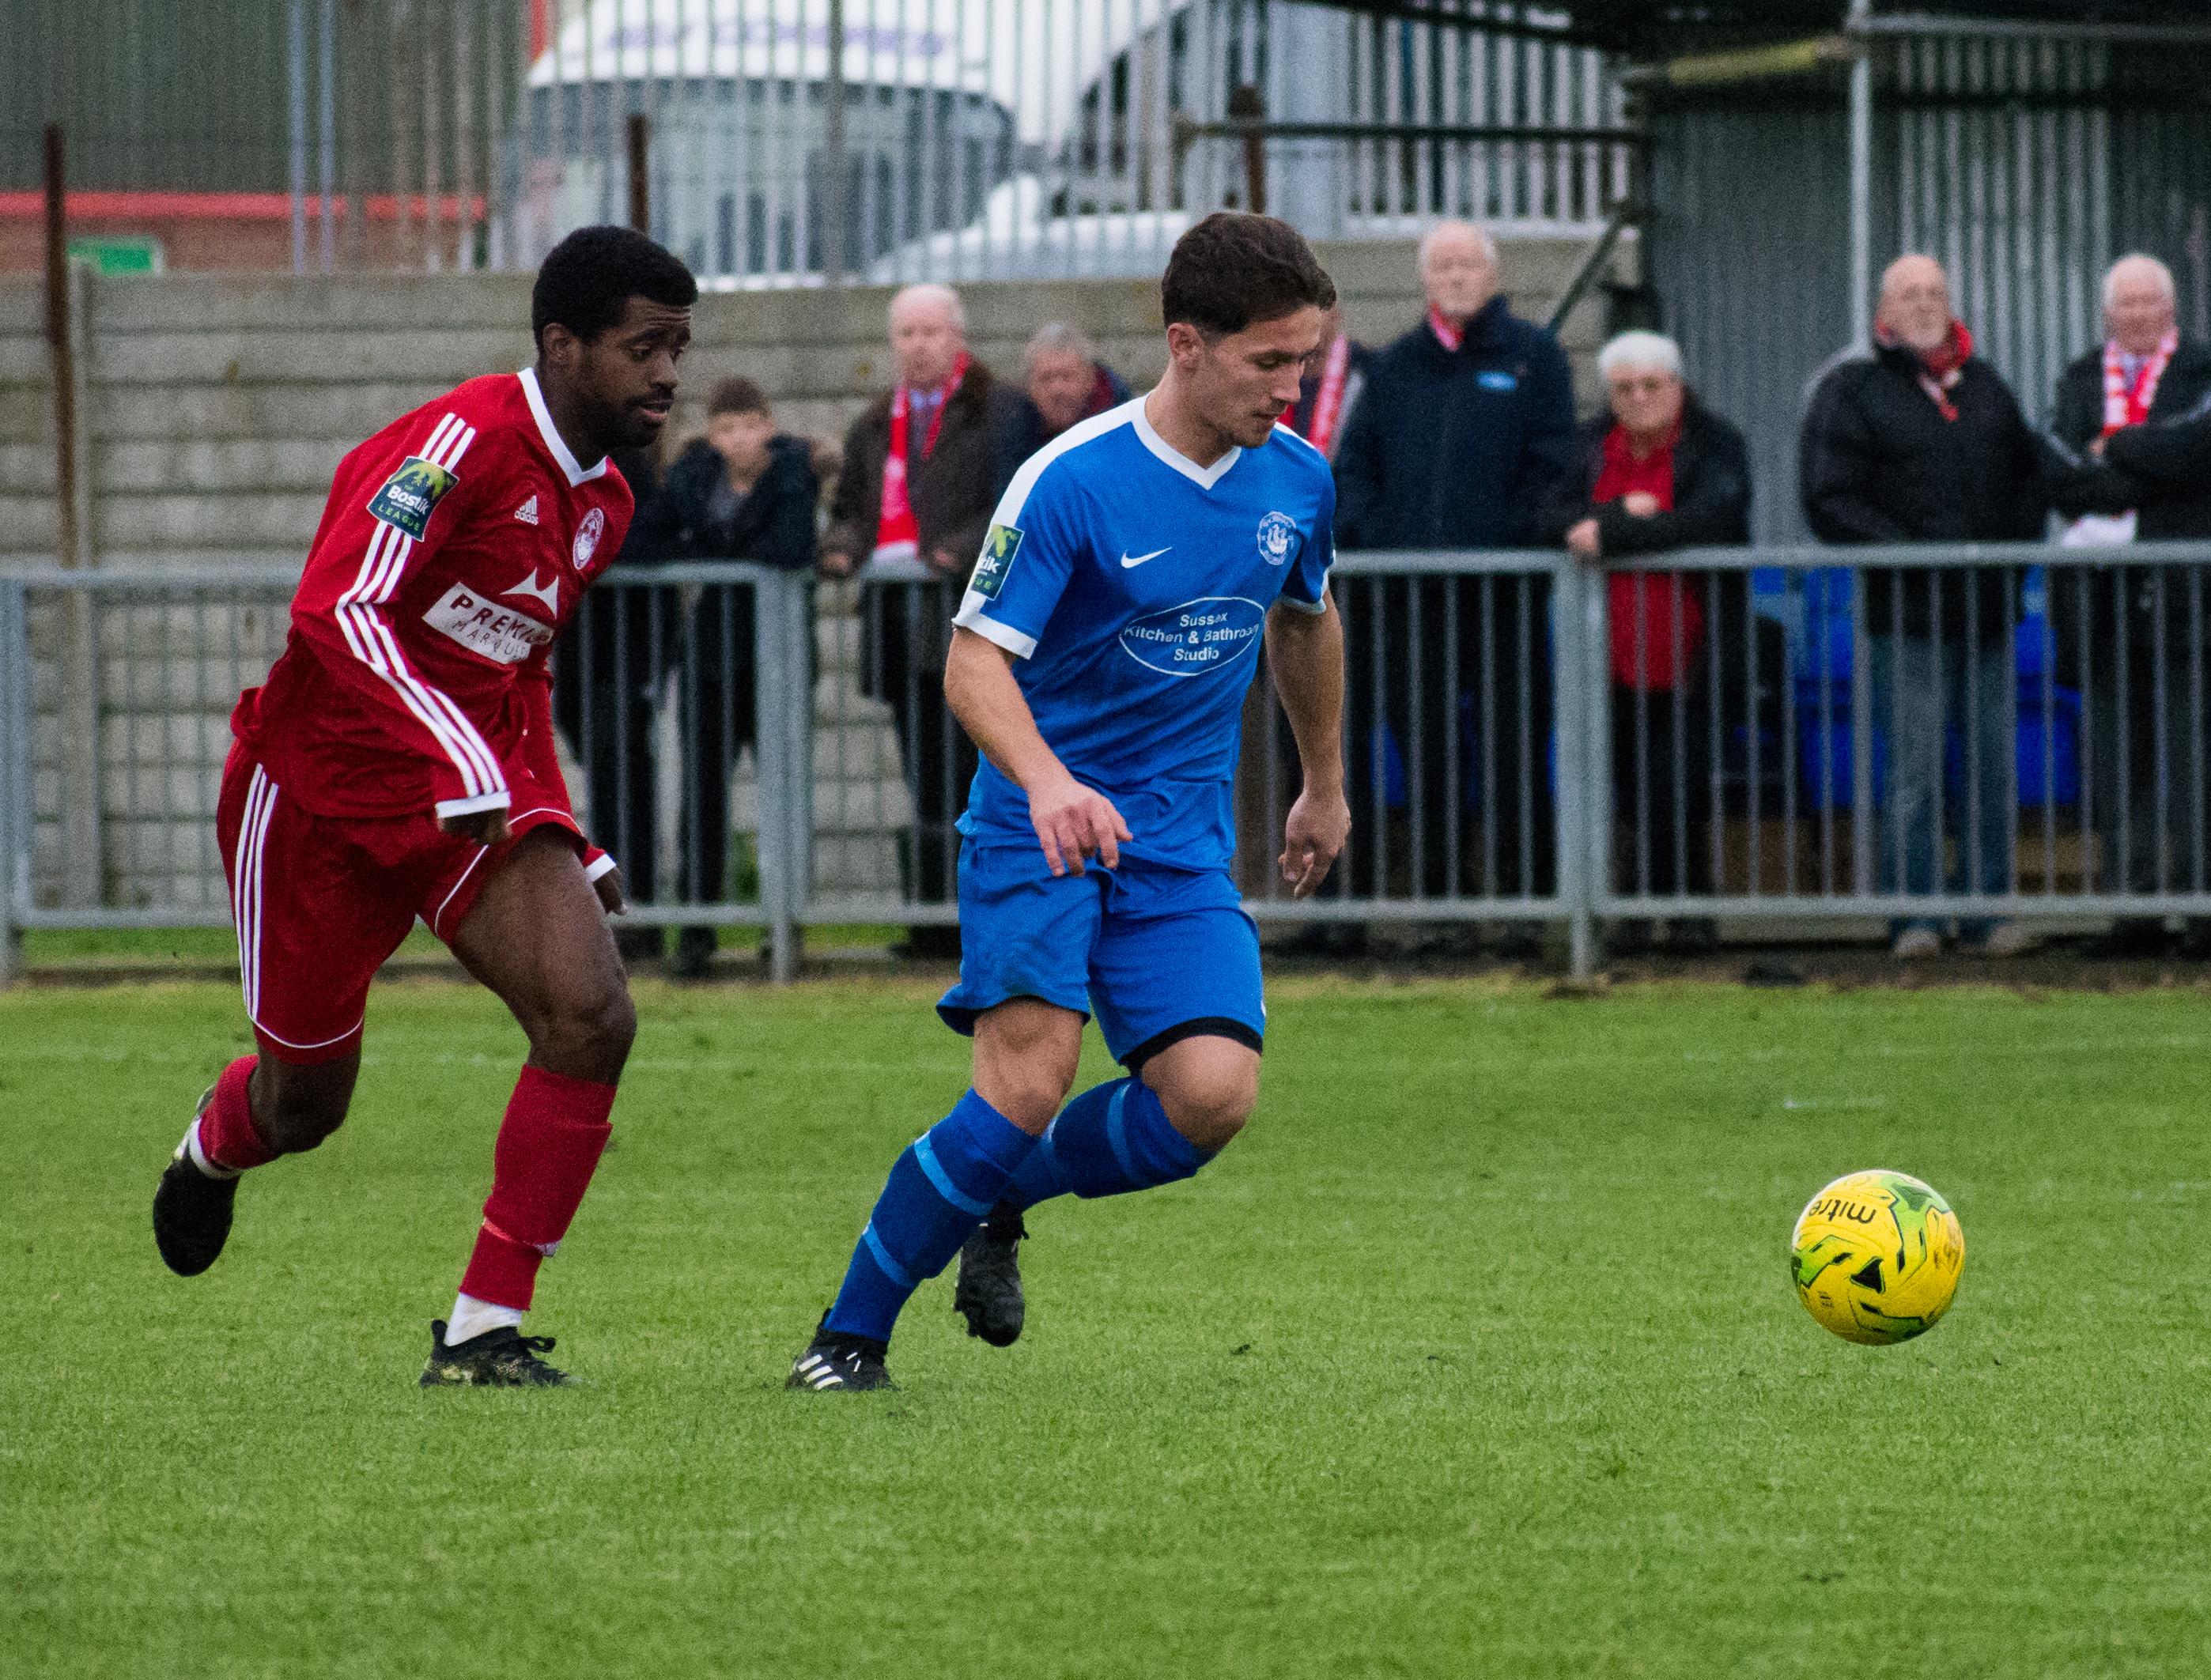 Shoreham FC vs Hythe Town 11.11.17 31